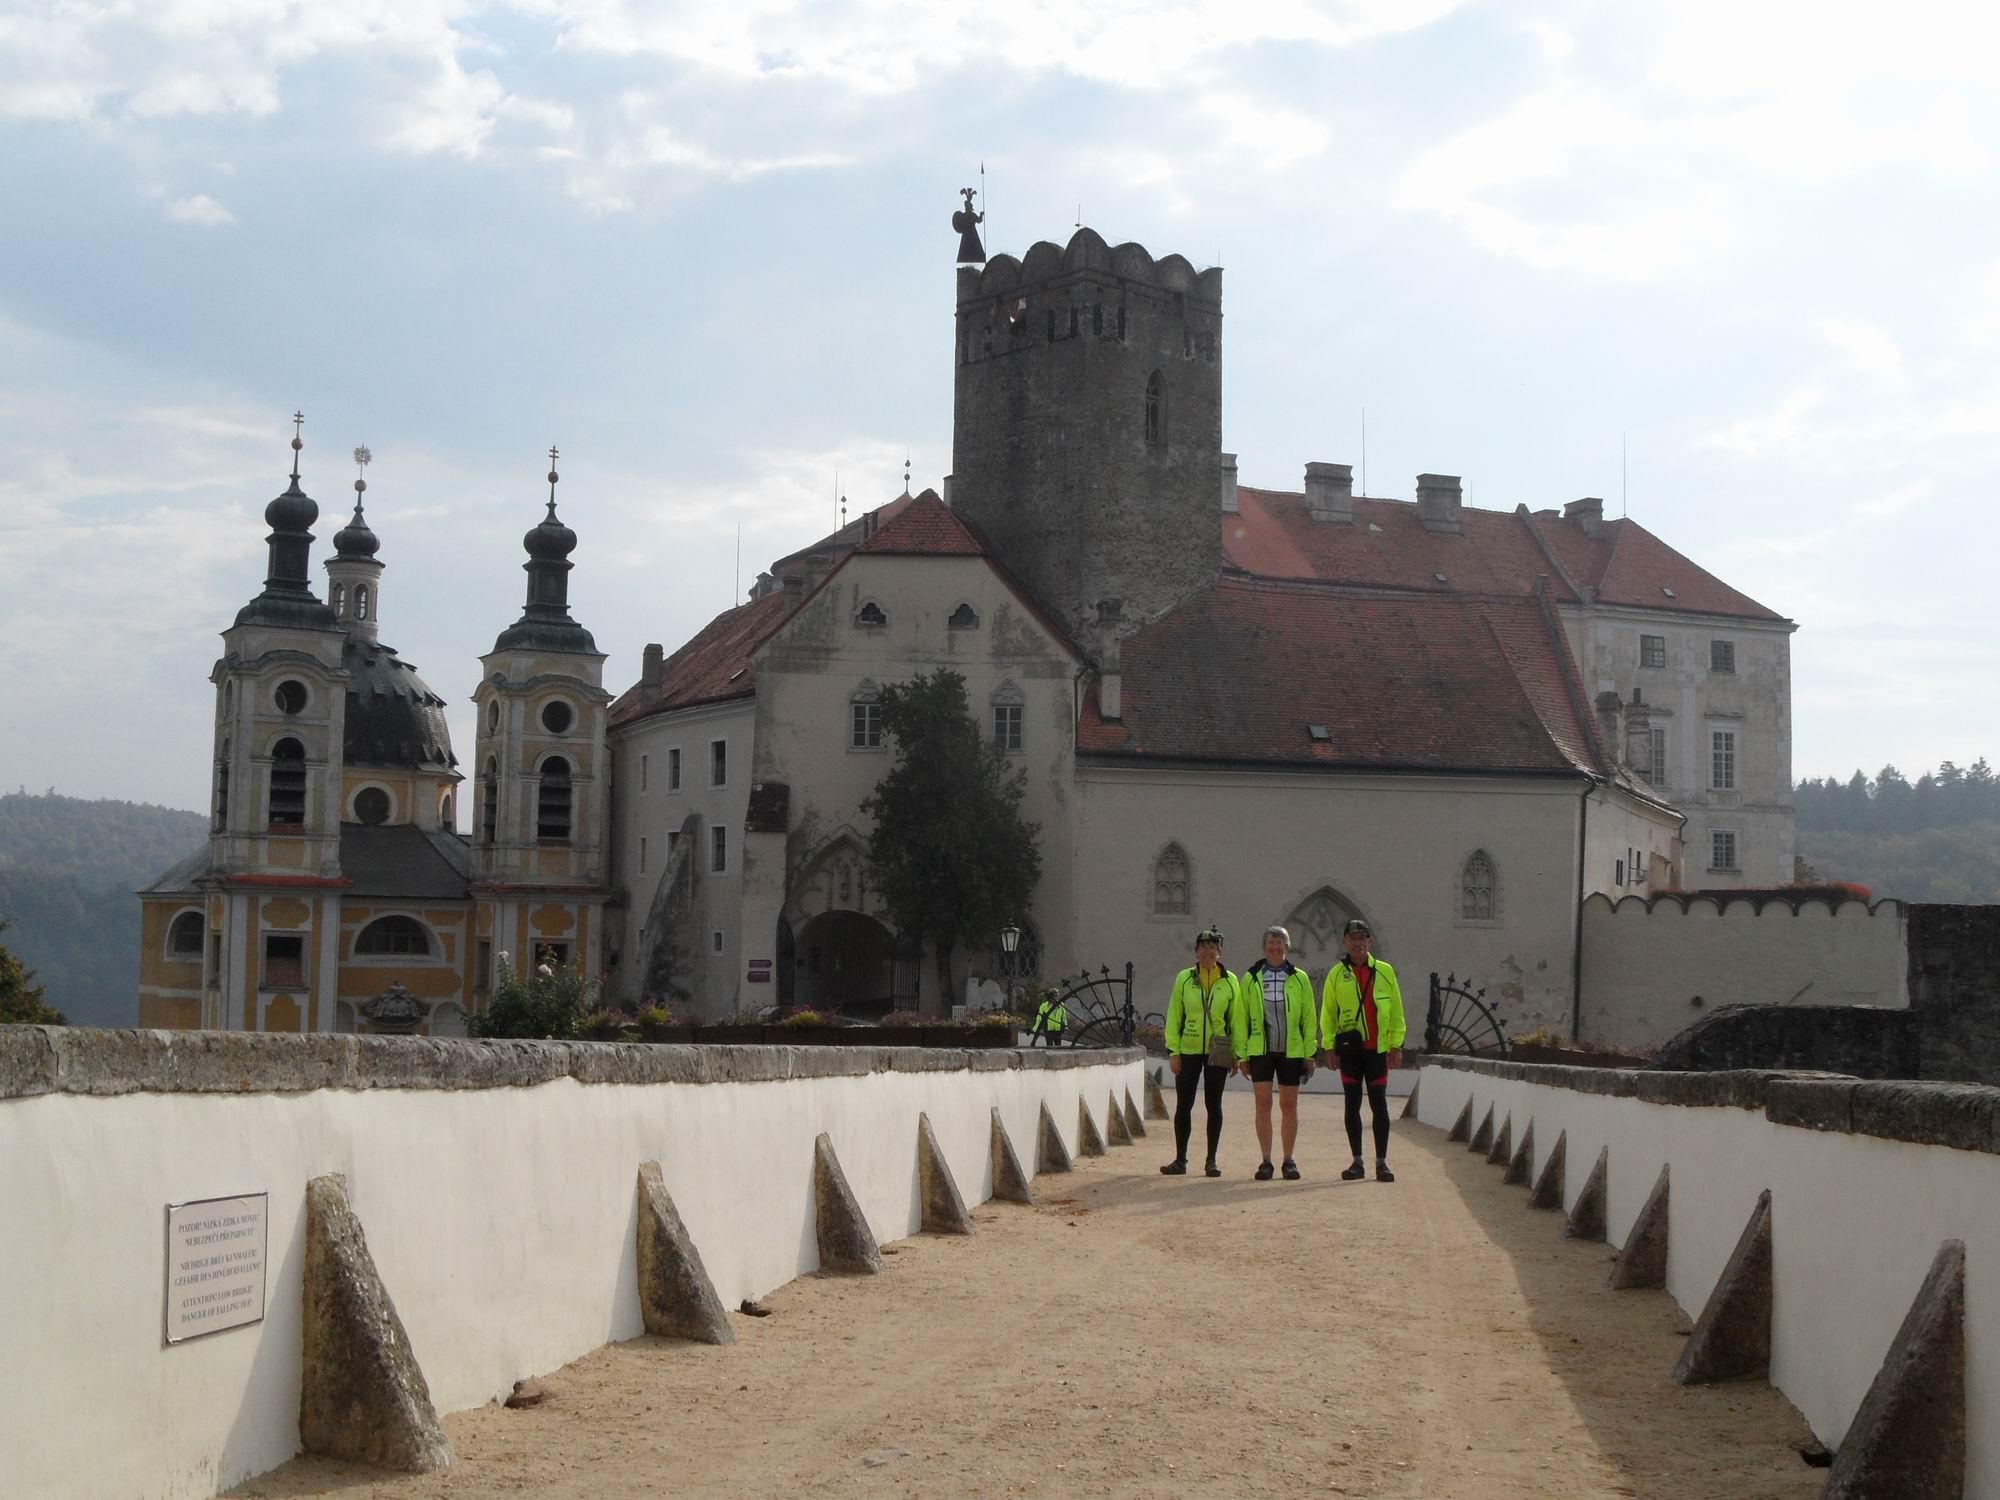 Onderweg kom je regelmatig langs historische gebouwen